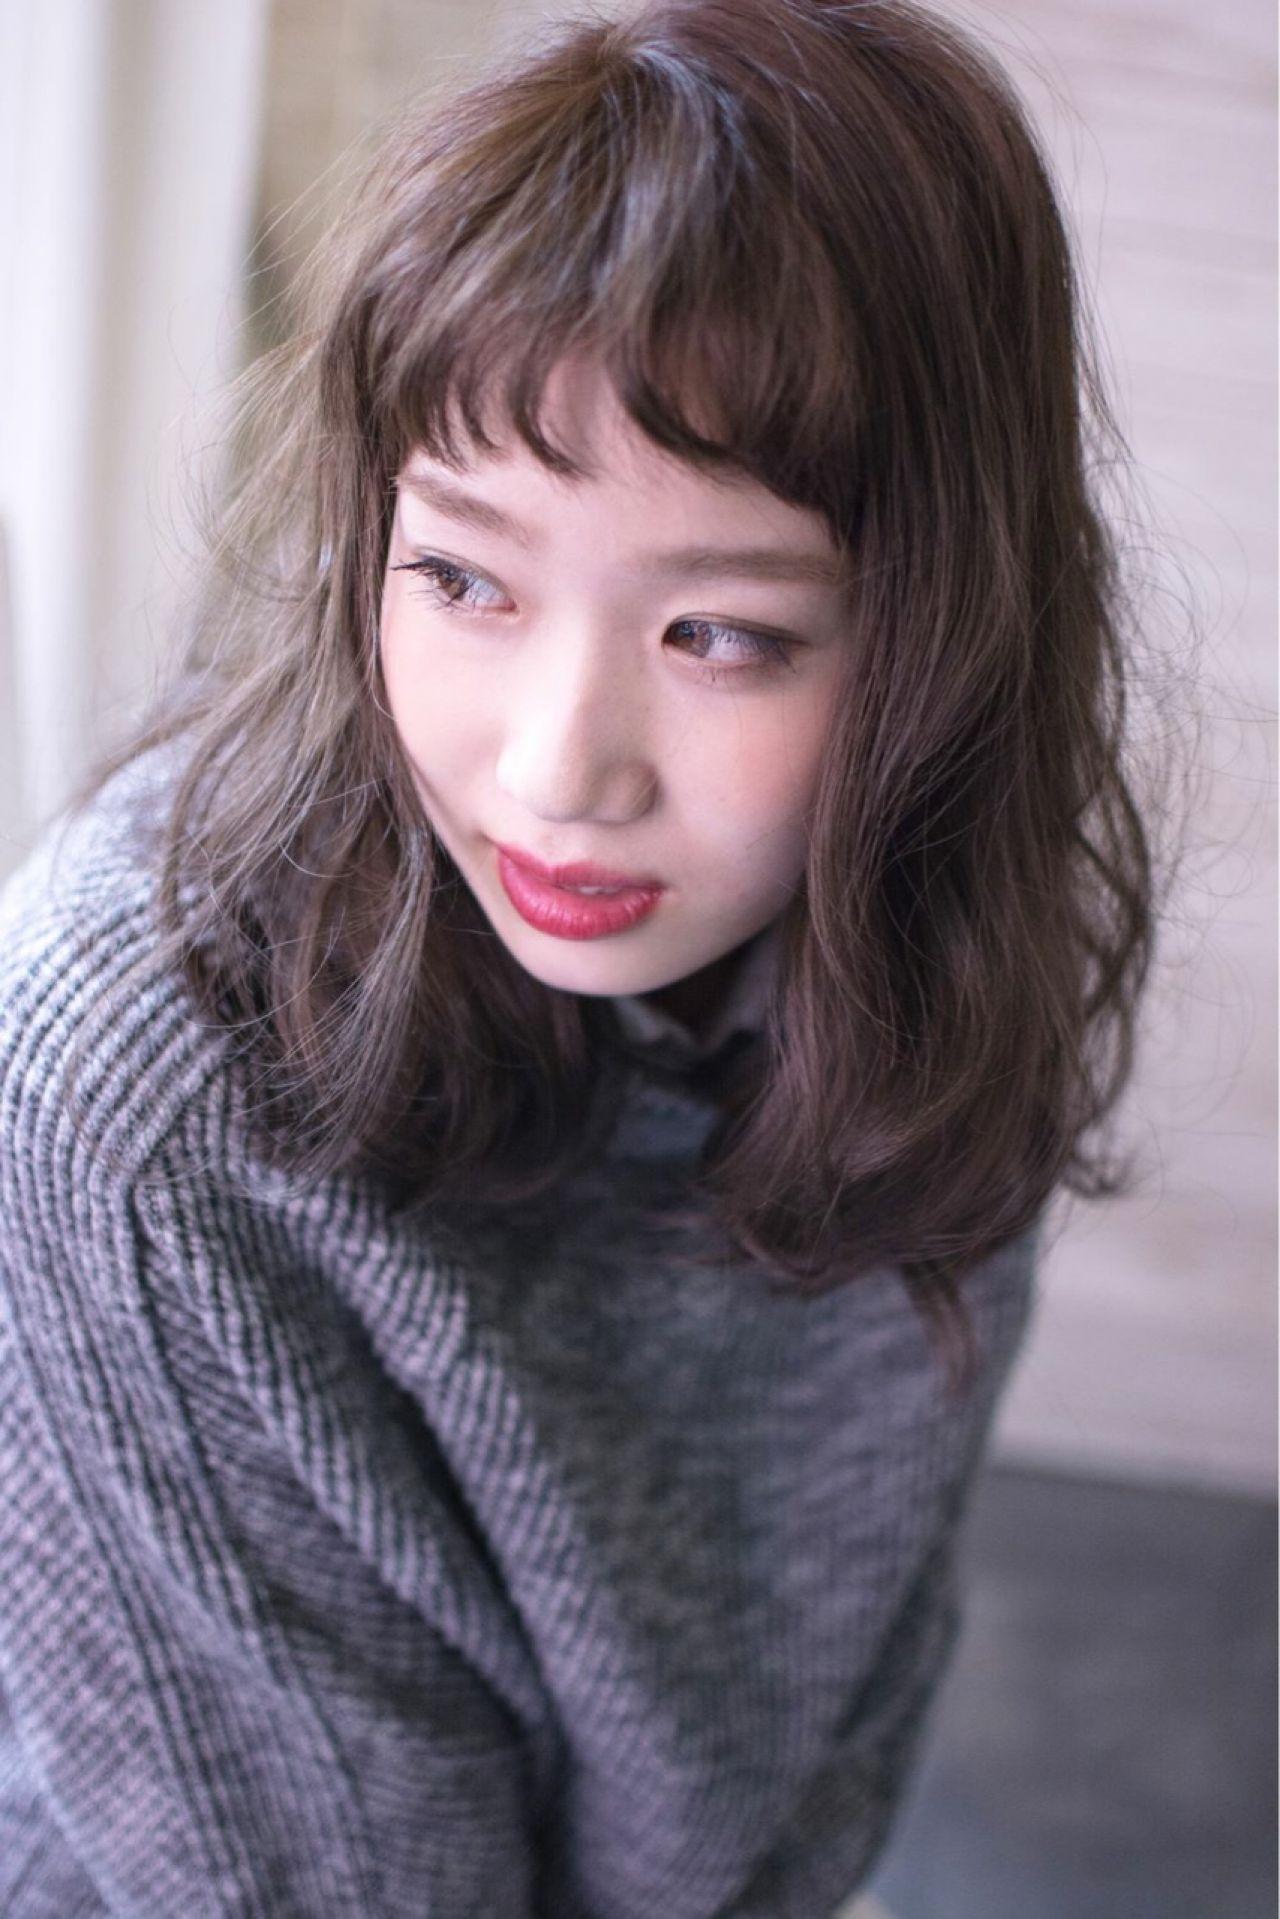 ミディアム フェミニン ゆるふわ シースルーバングヘアスタイルや髪型の写真・画像